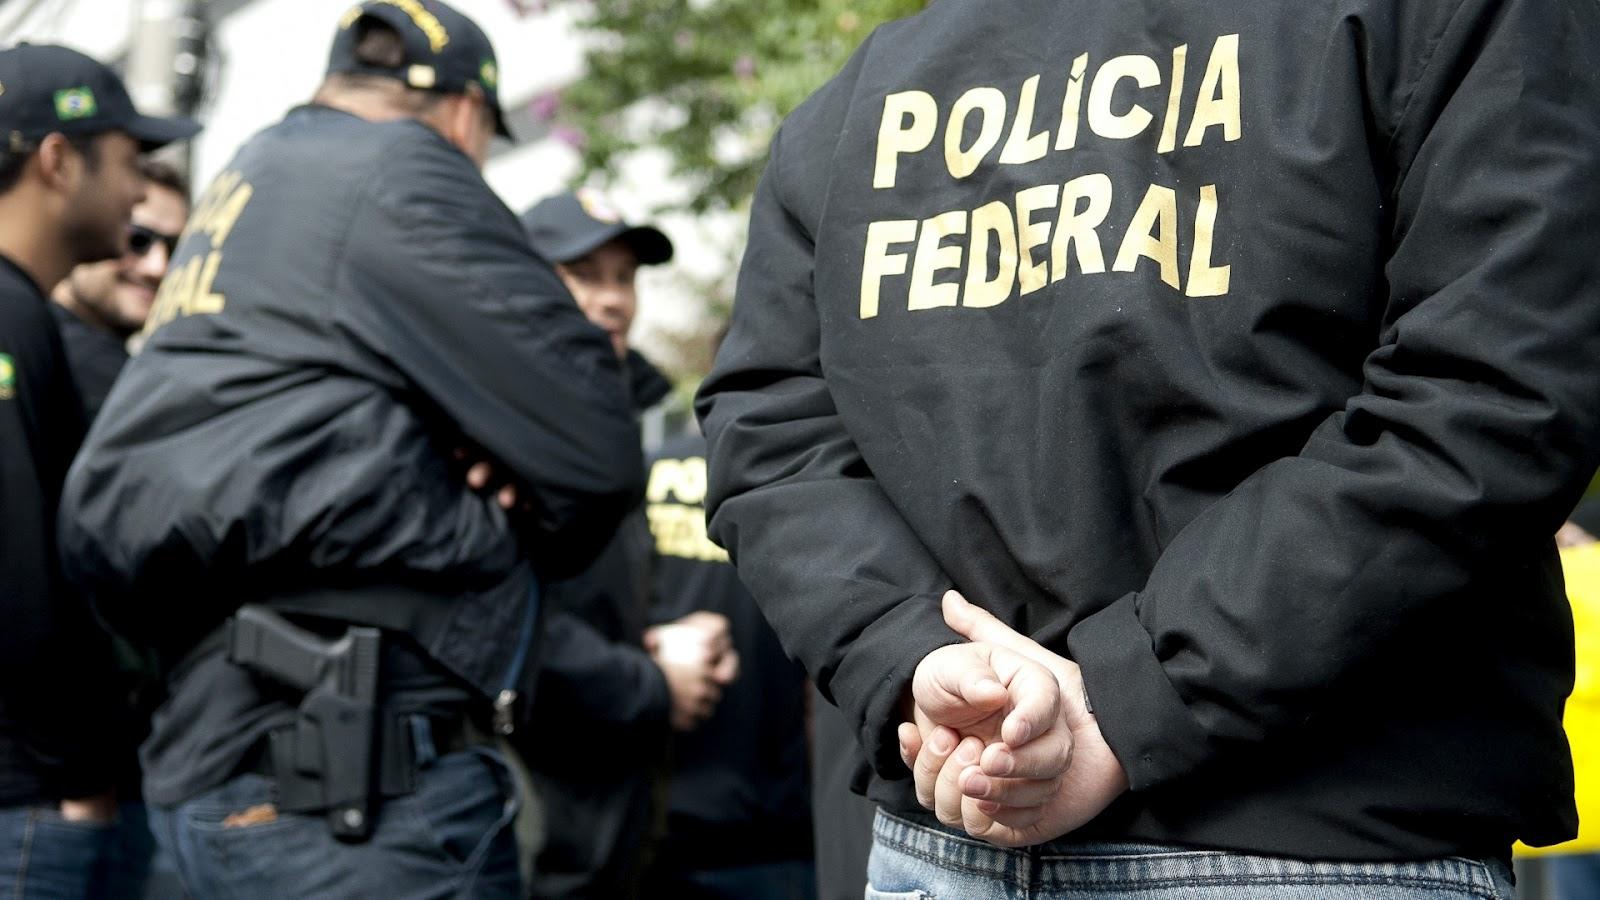 Mais policiais federais no Paraguai